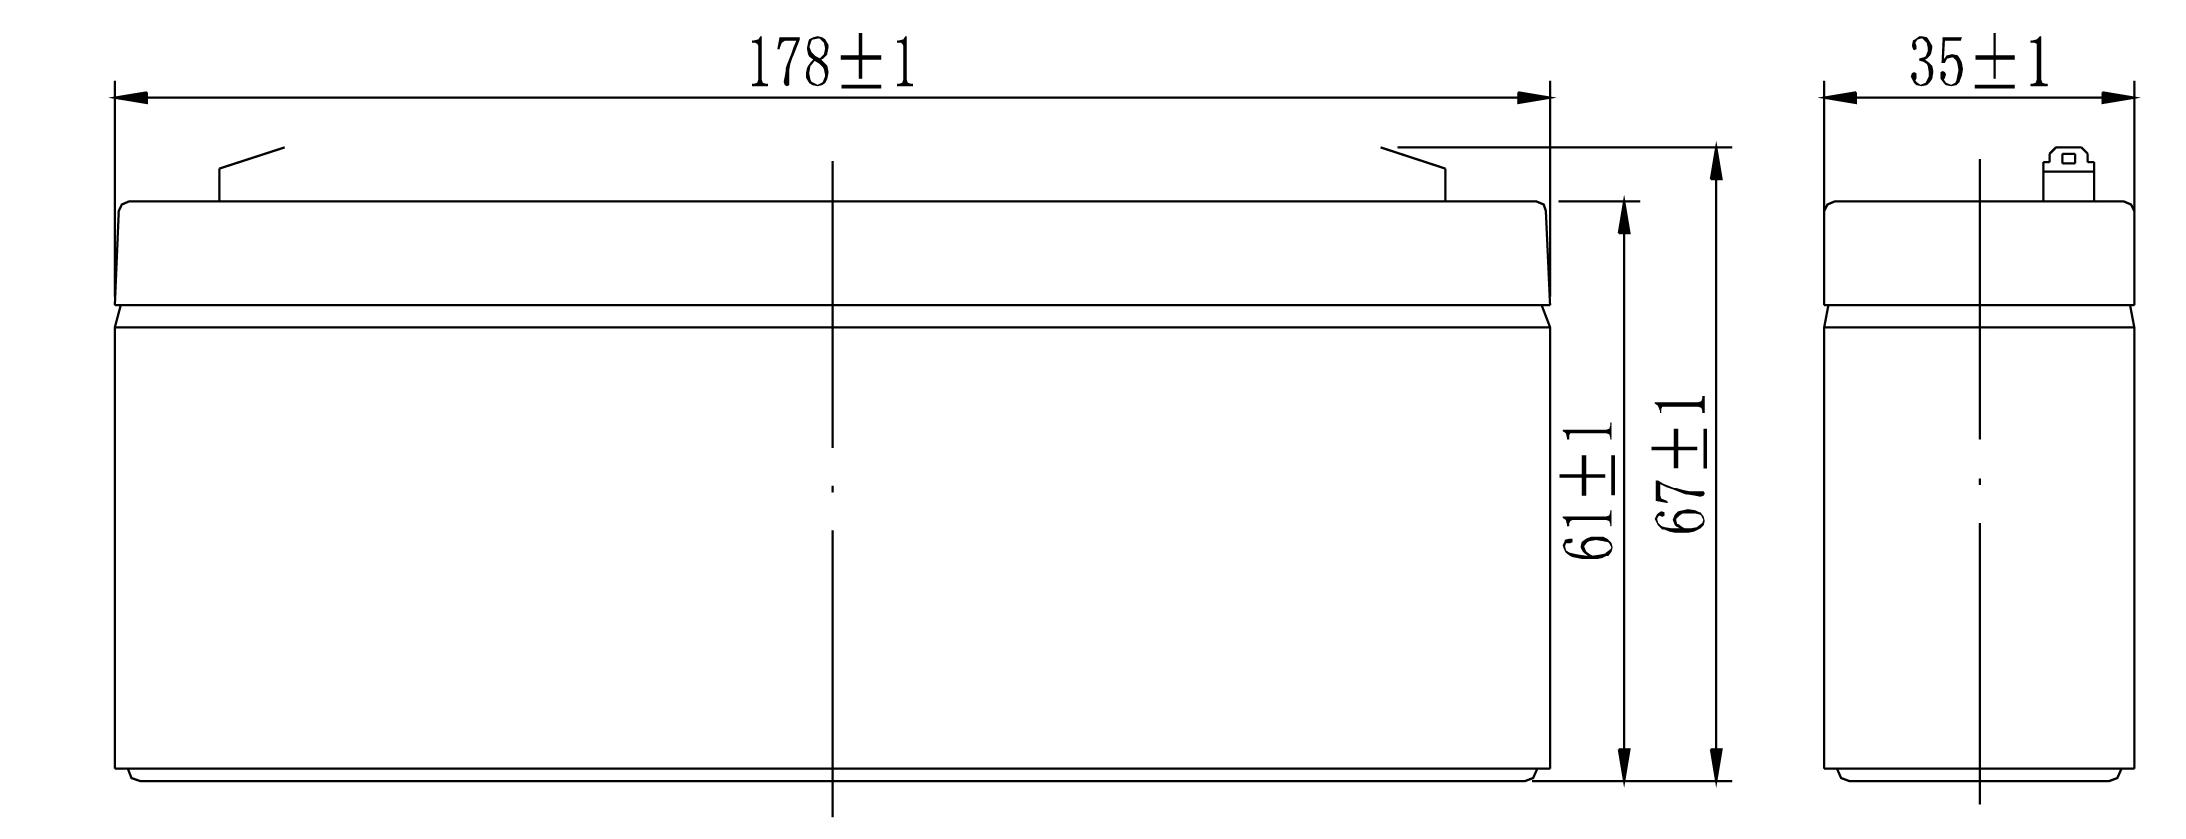 TLV1223 - 12V 2.3Ah Sealed Lead Acid Battery - Side Diagram